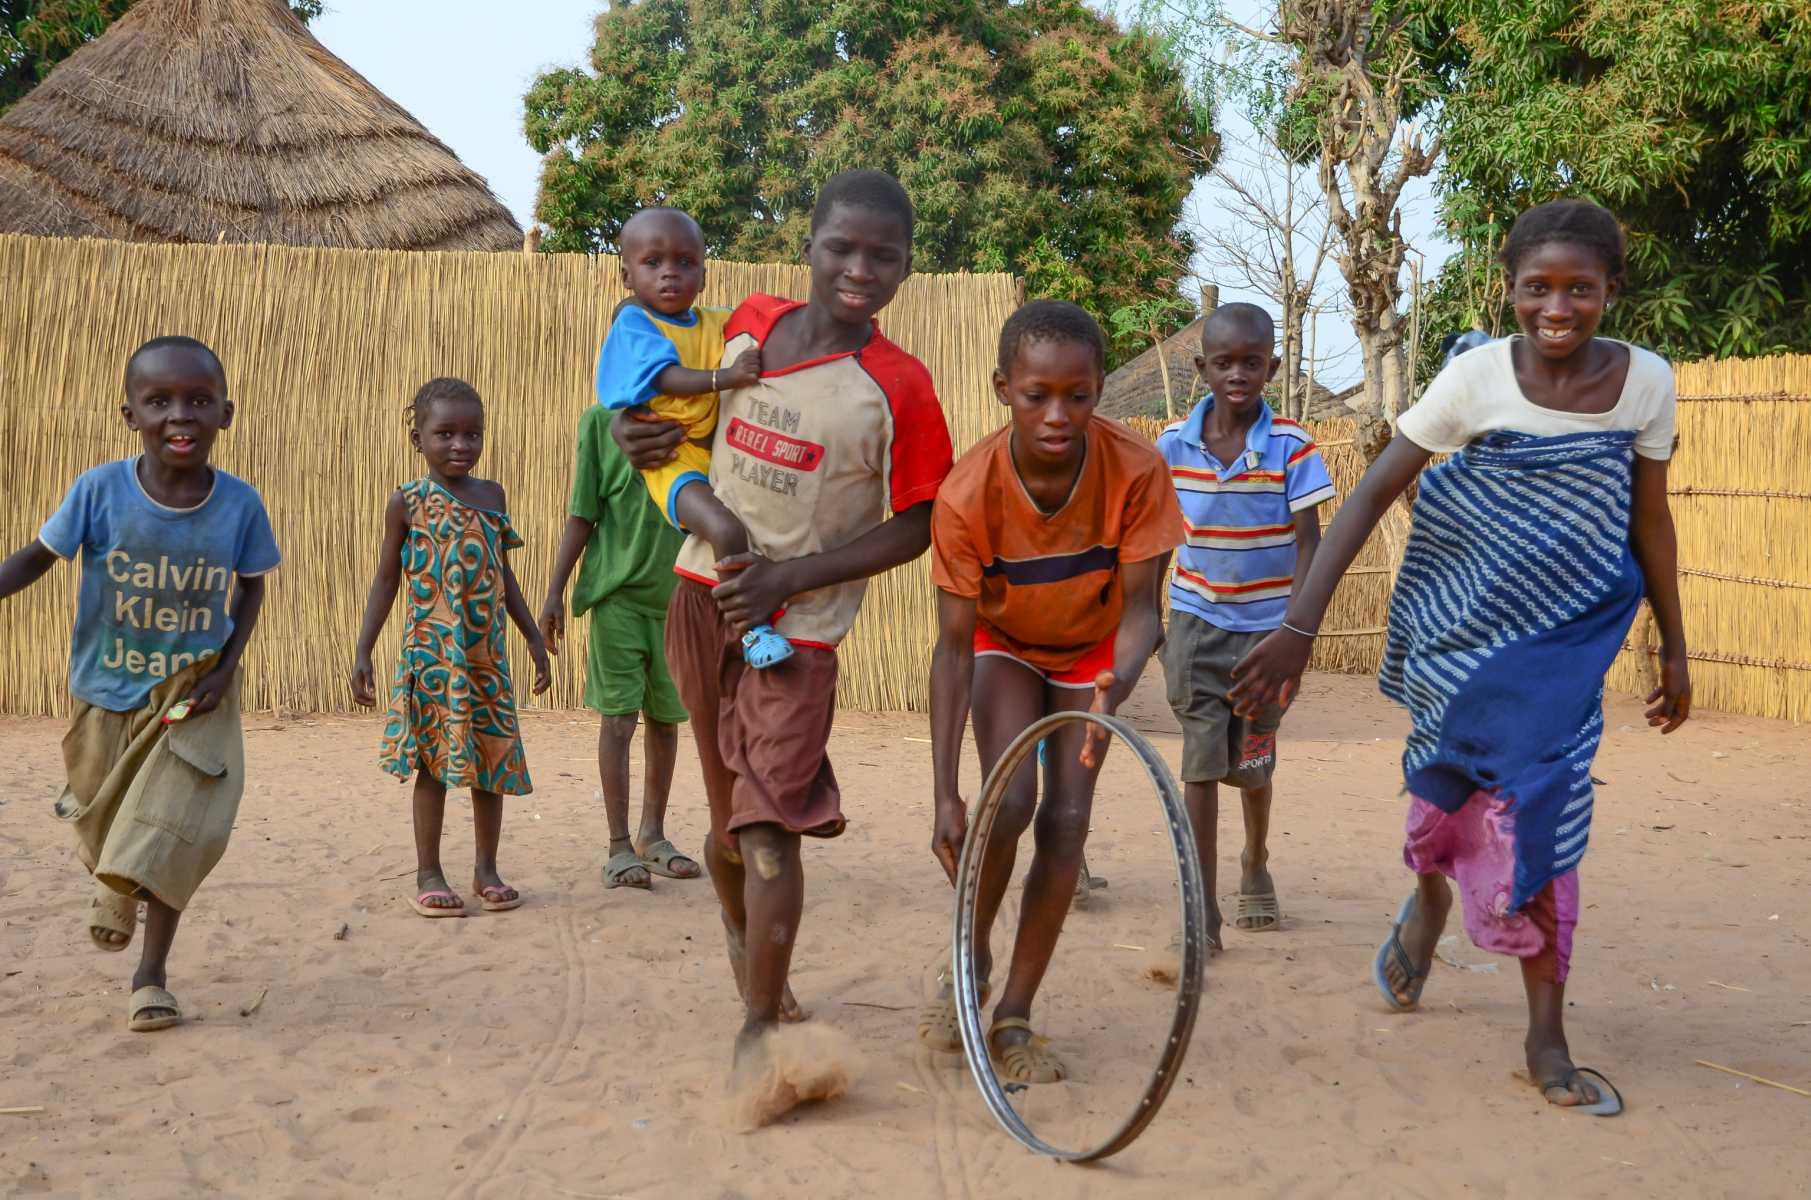 Sénégal - Sine-Saloum - Sandicoly - Enfants